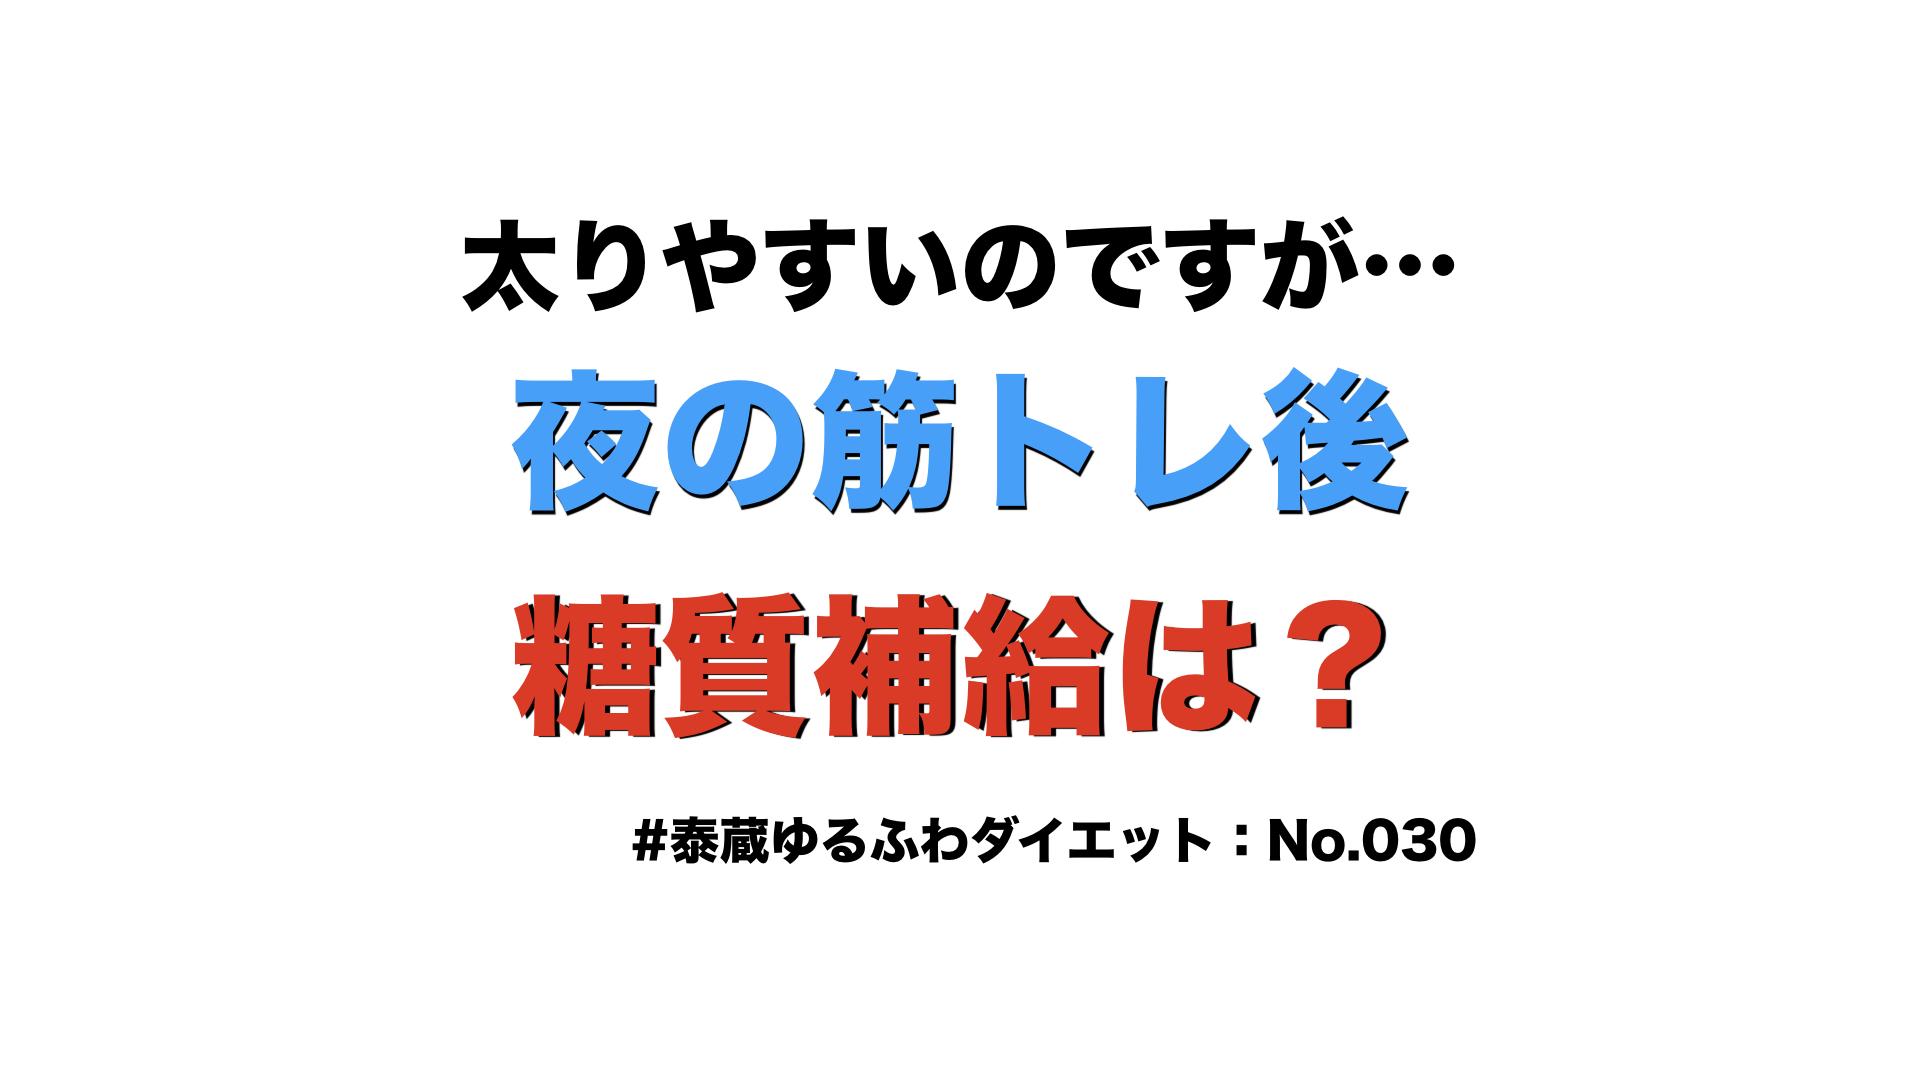 #ゆるふわダイエット030